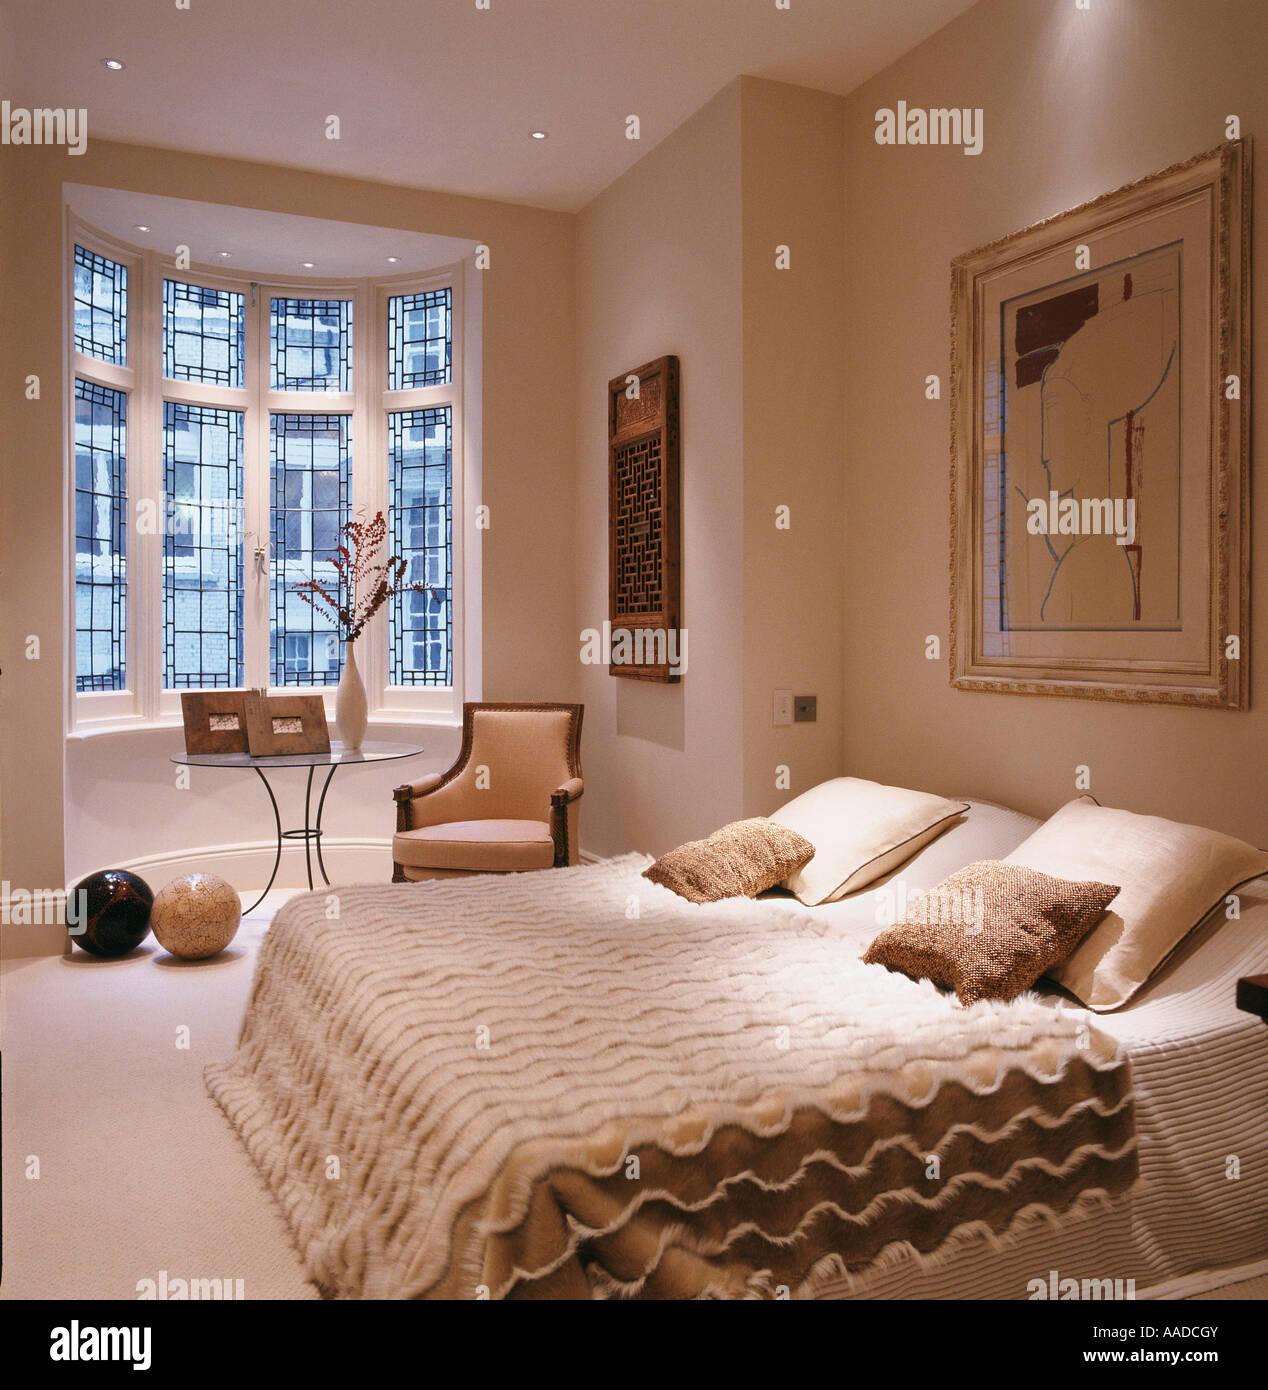 Doppelbett mit strukturierten Abdeckung in Creme Schlafzimmer mit ...